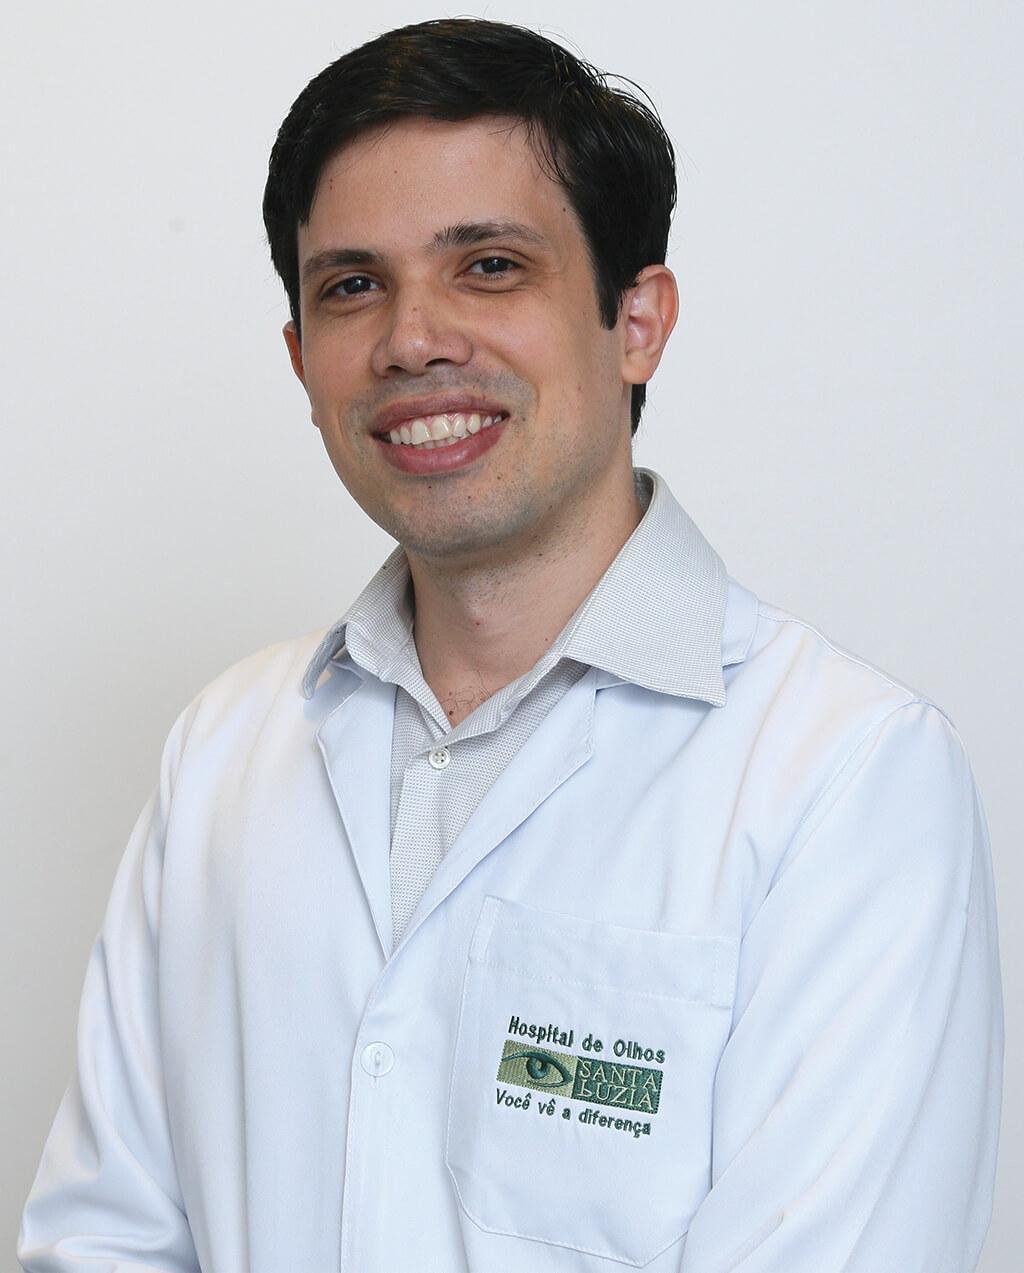 Natanael Figueiroa (CRM 14577)